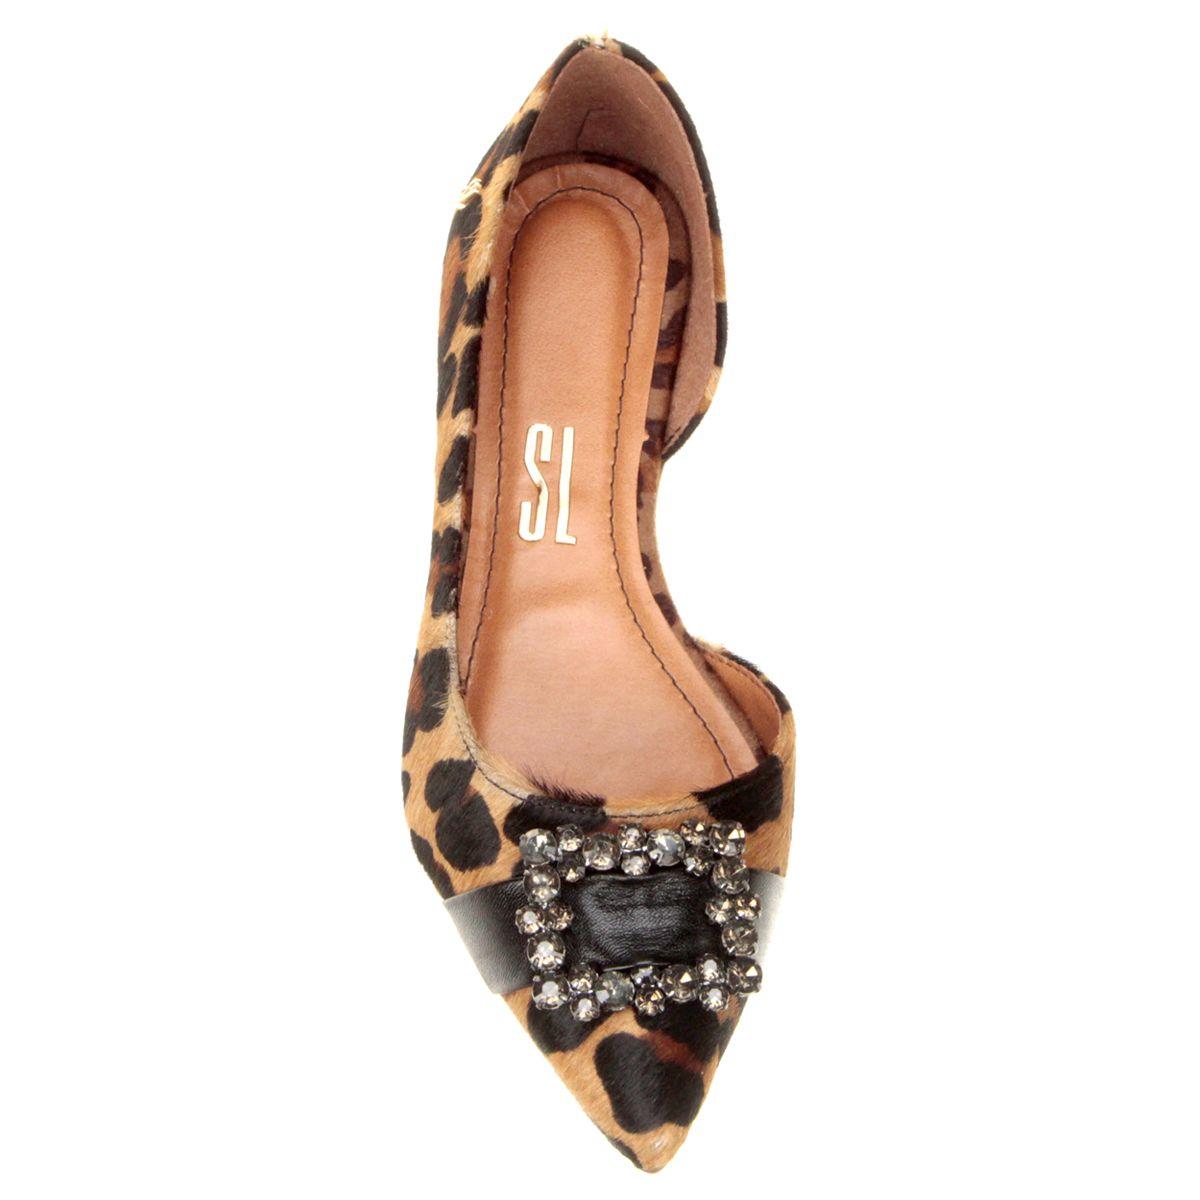 8272eb499 Compre Sapatilha Santa Lolla Bico Fino Recorte Onça na Zattini a nova loja  de moda online da Netshoes. Encontre Sapatos, Sandálias, Bolsas e  Acessórios.